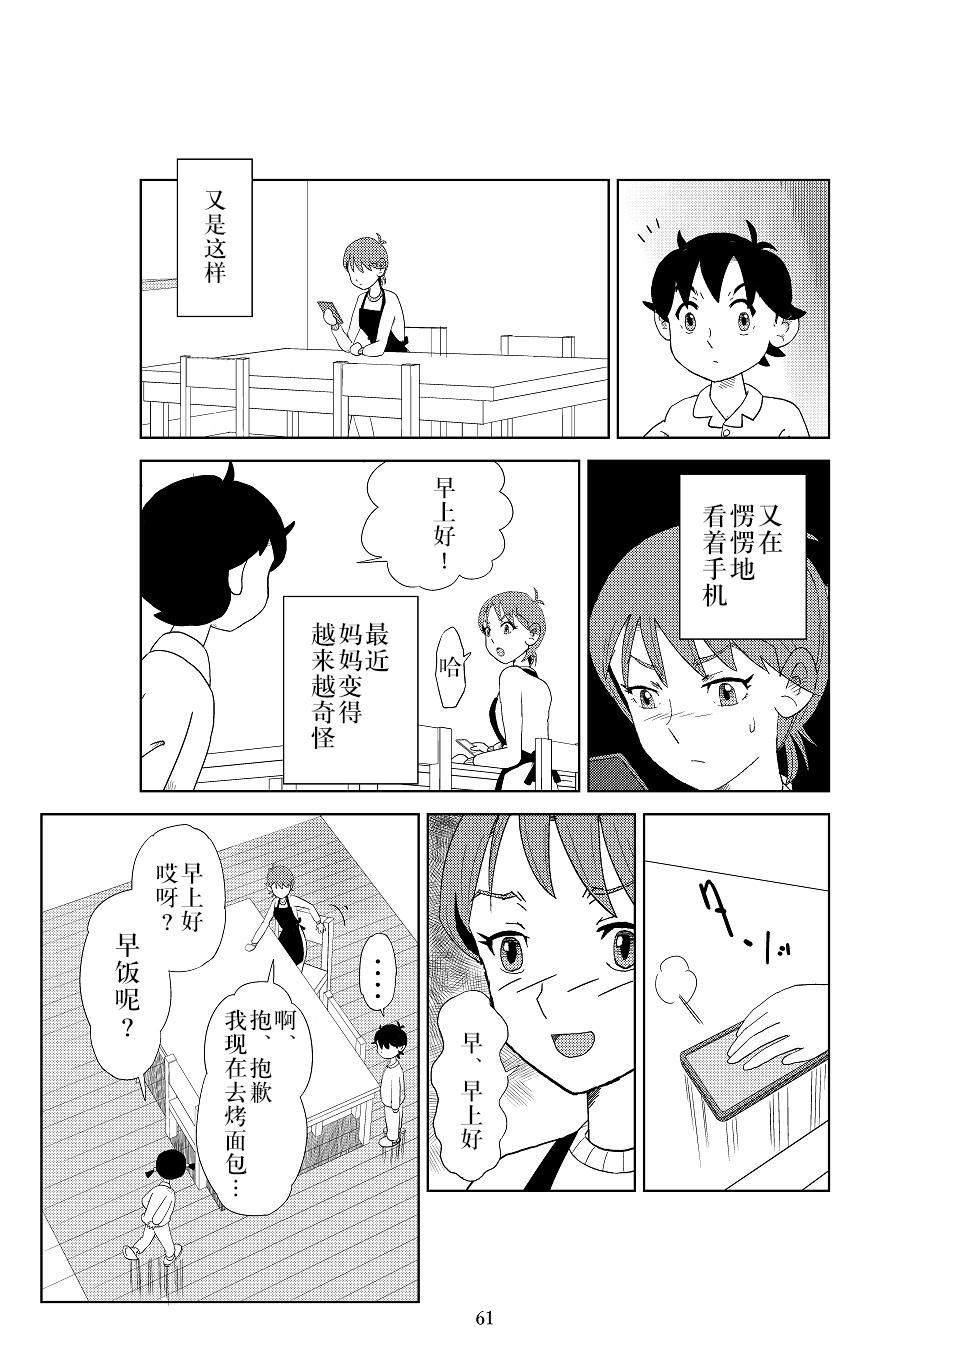 Futoshi 2 63